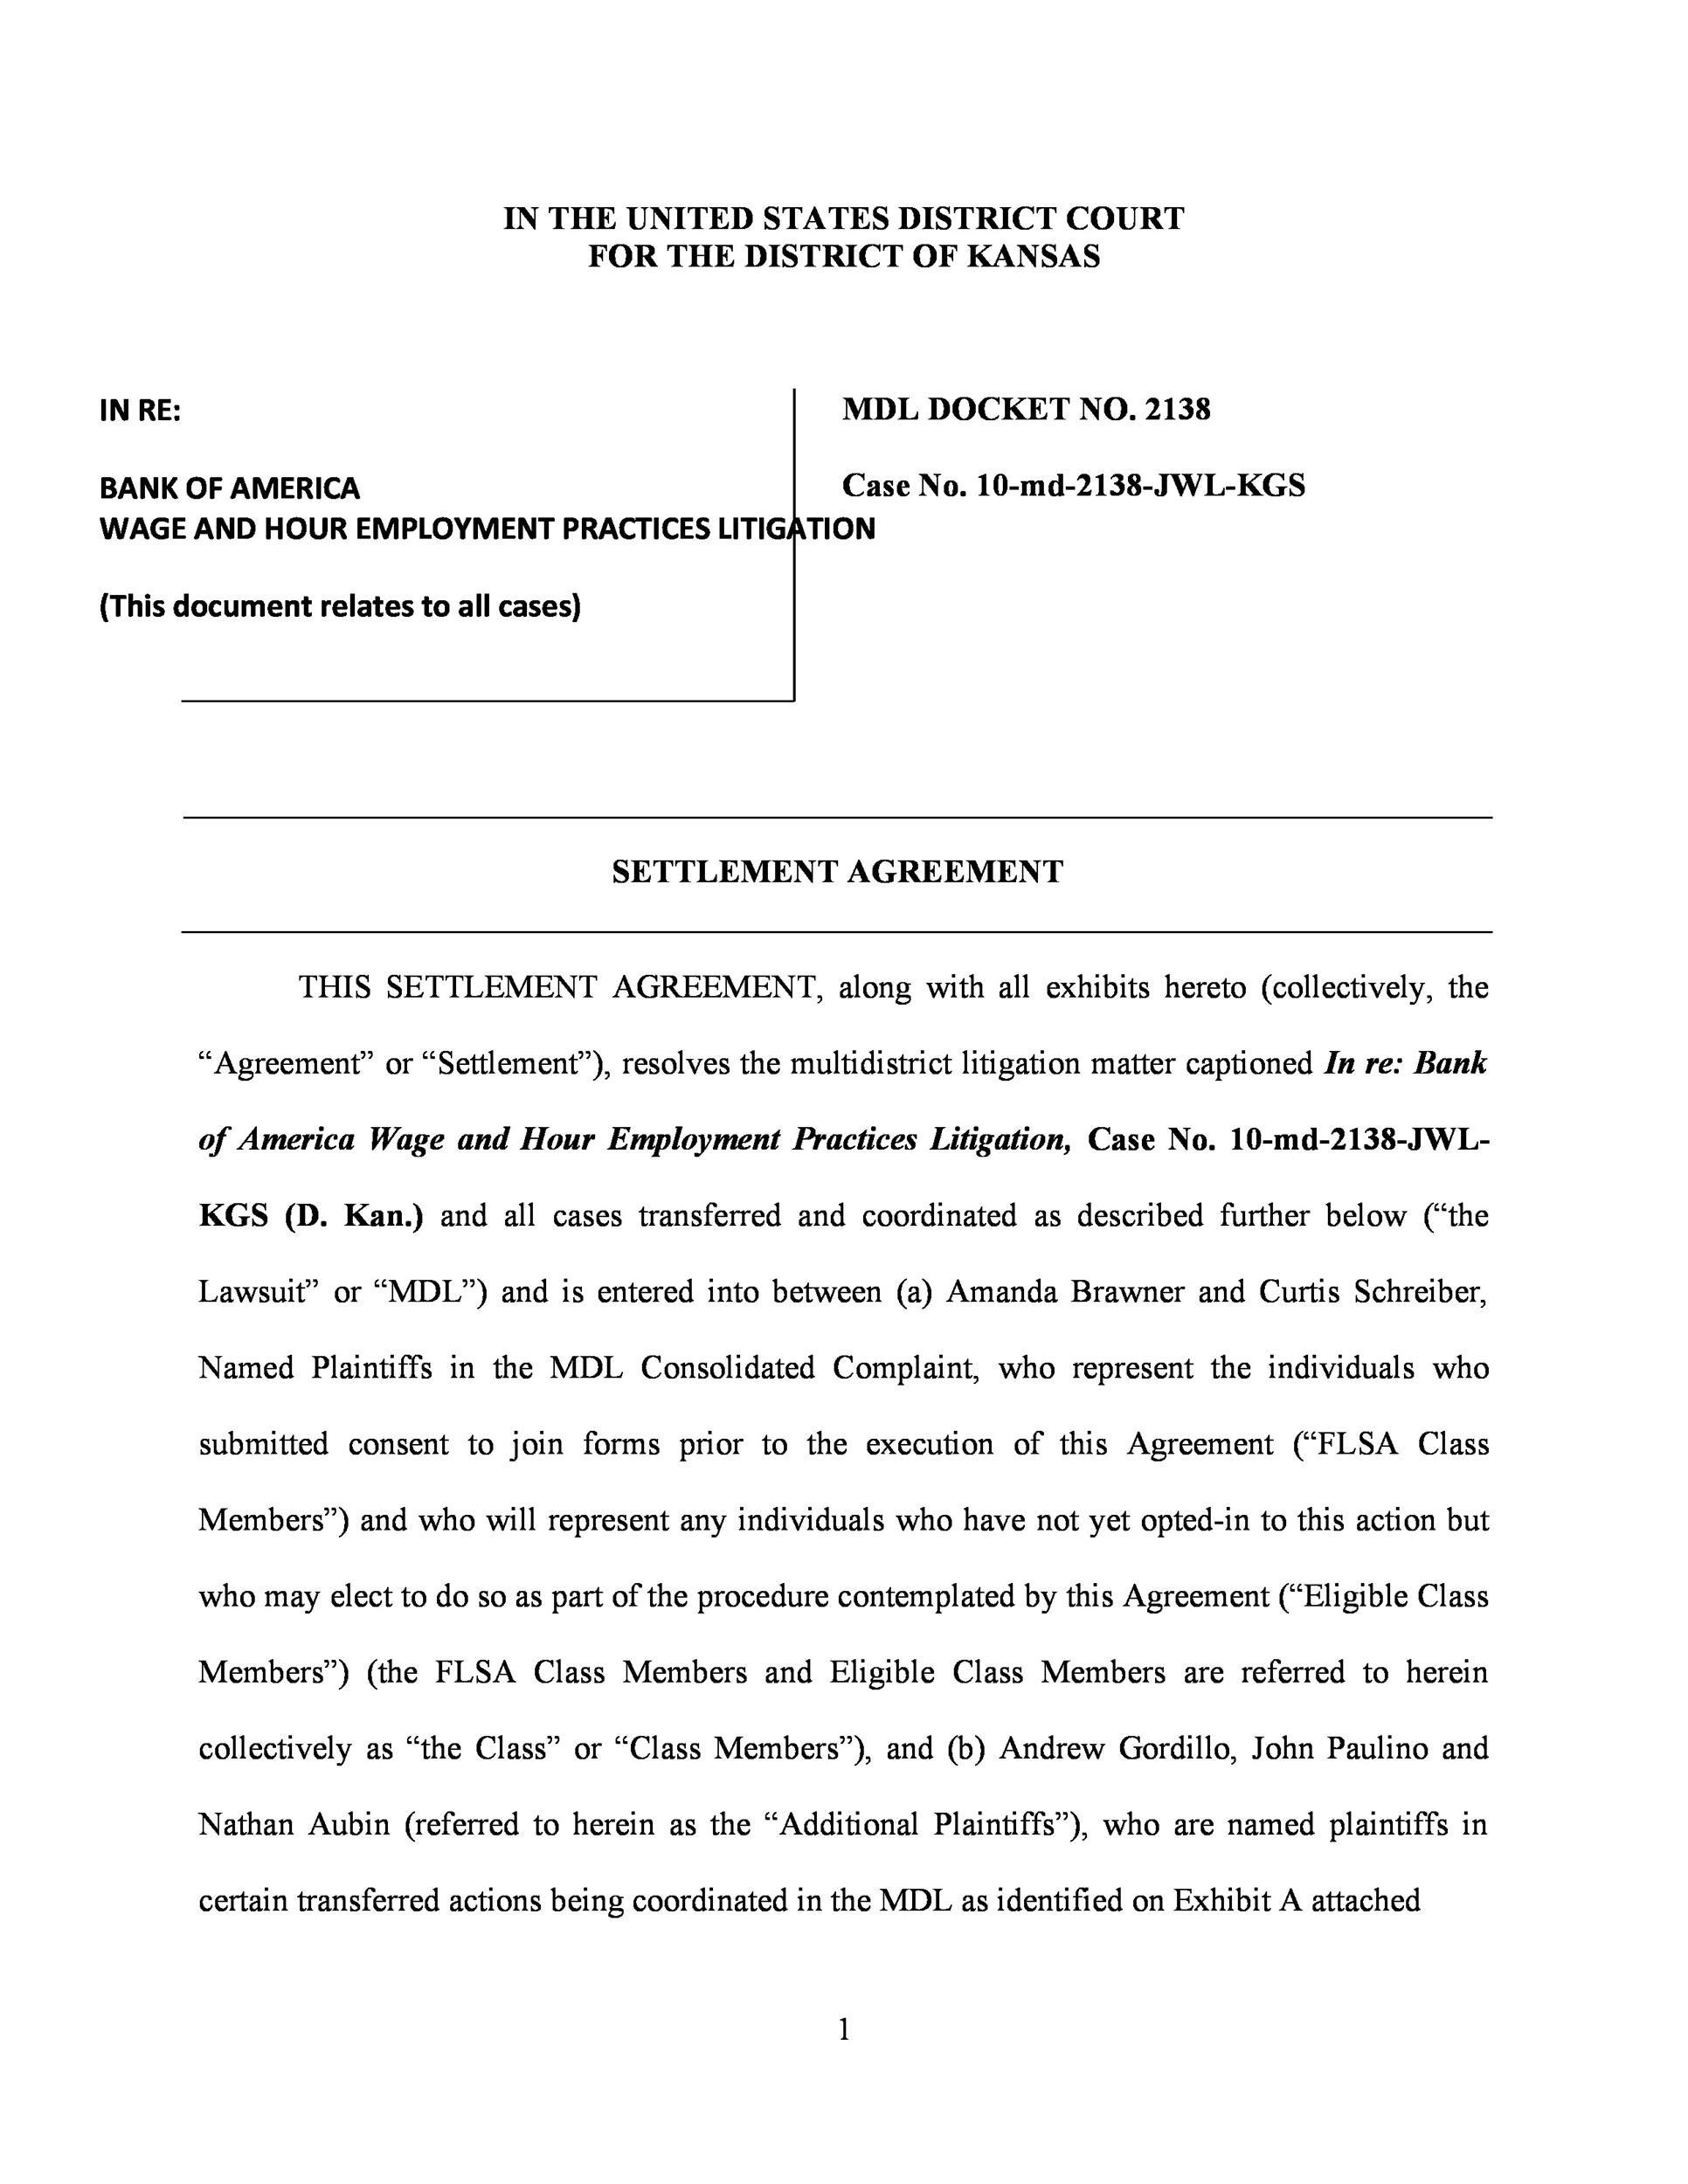 Free settlement agreement 14